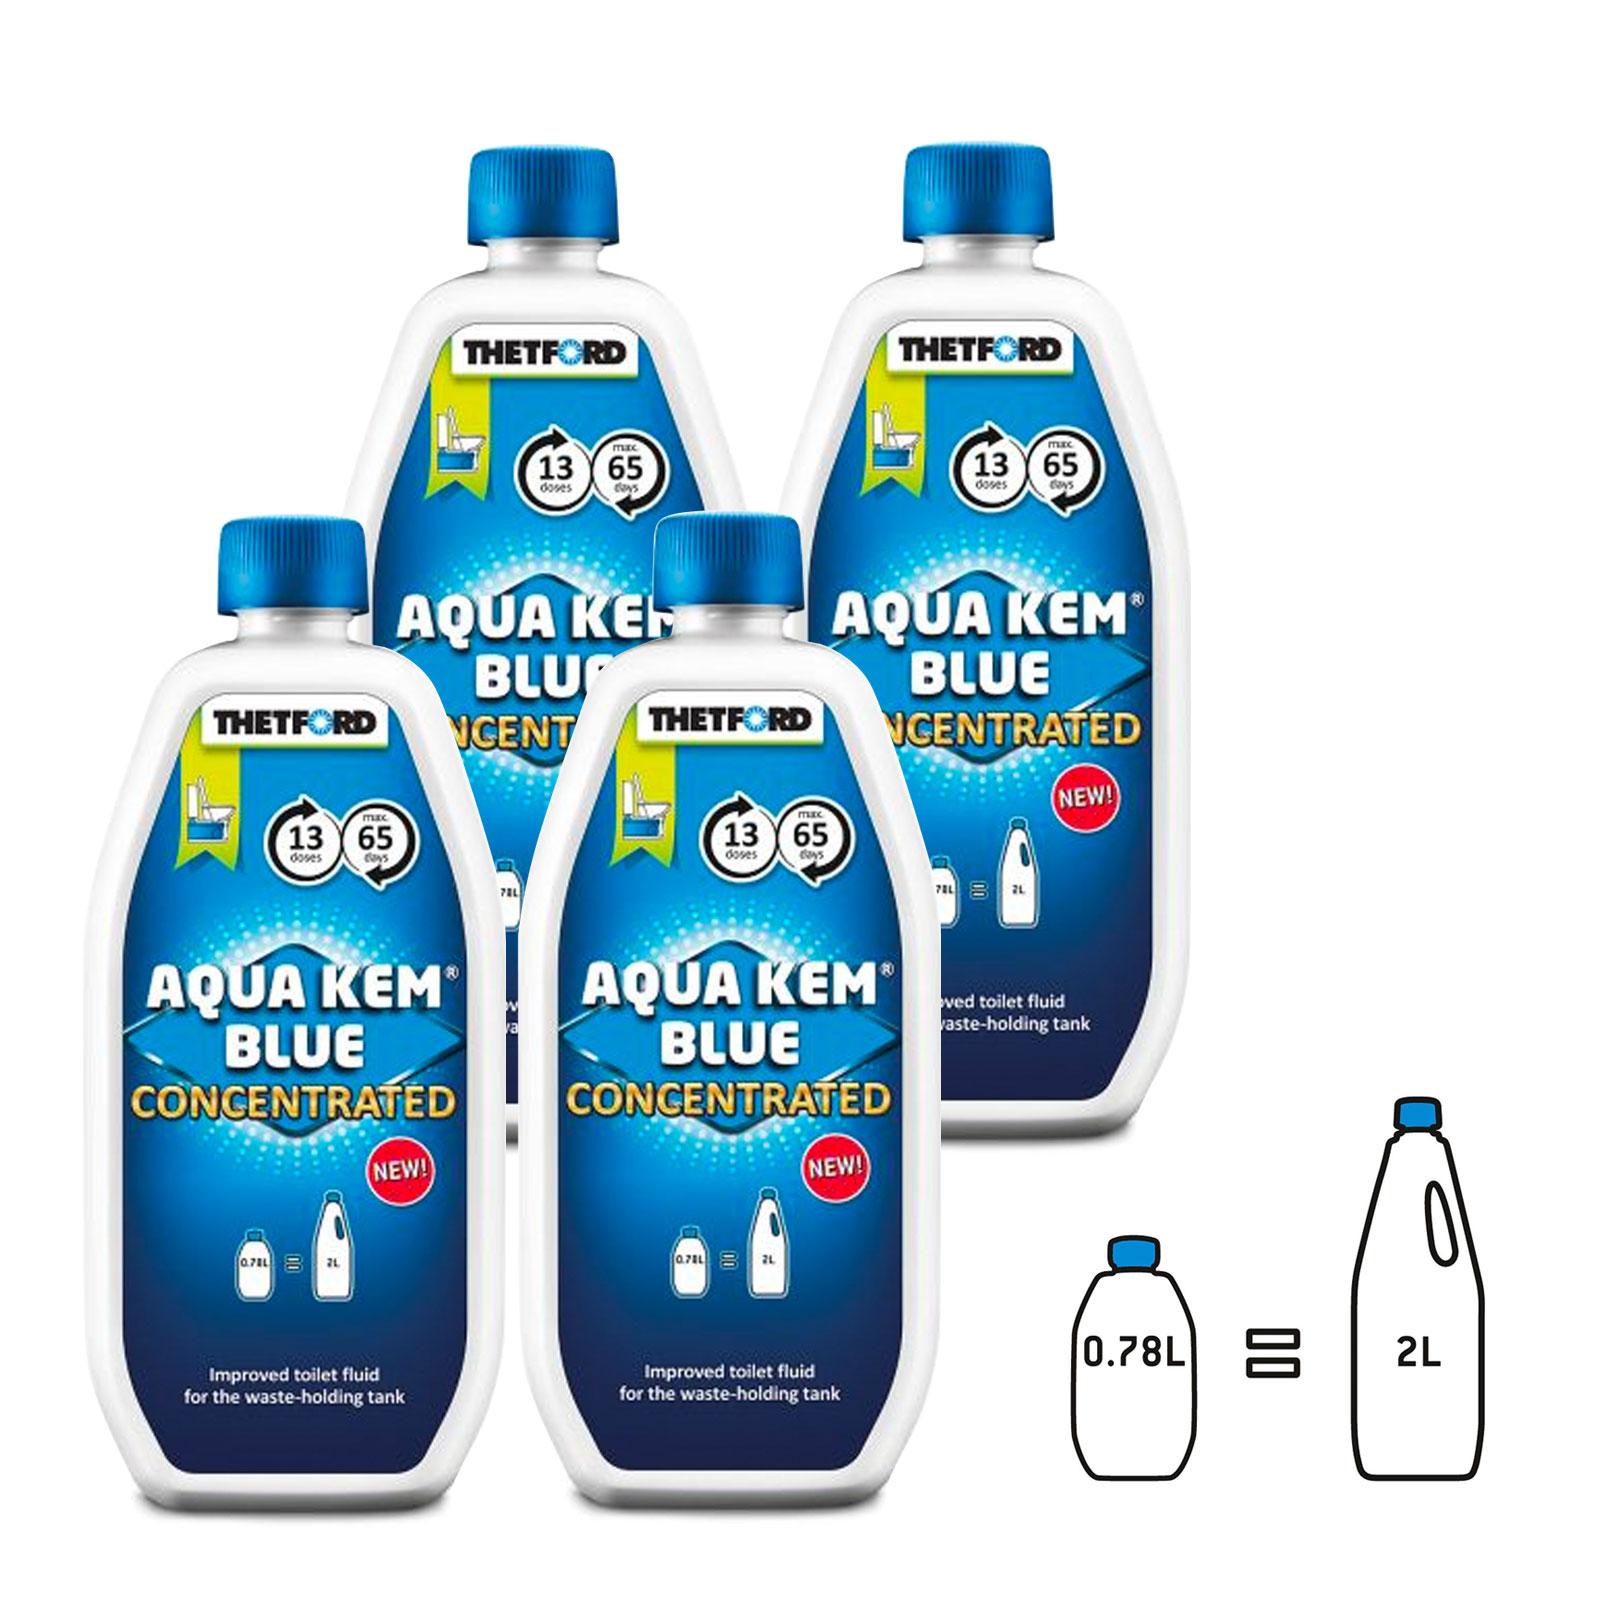 4x Thetford Aqua Kem Blue Toiletten Zusatz für Abwasserbehälter 0,78l Konzentrat